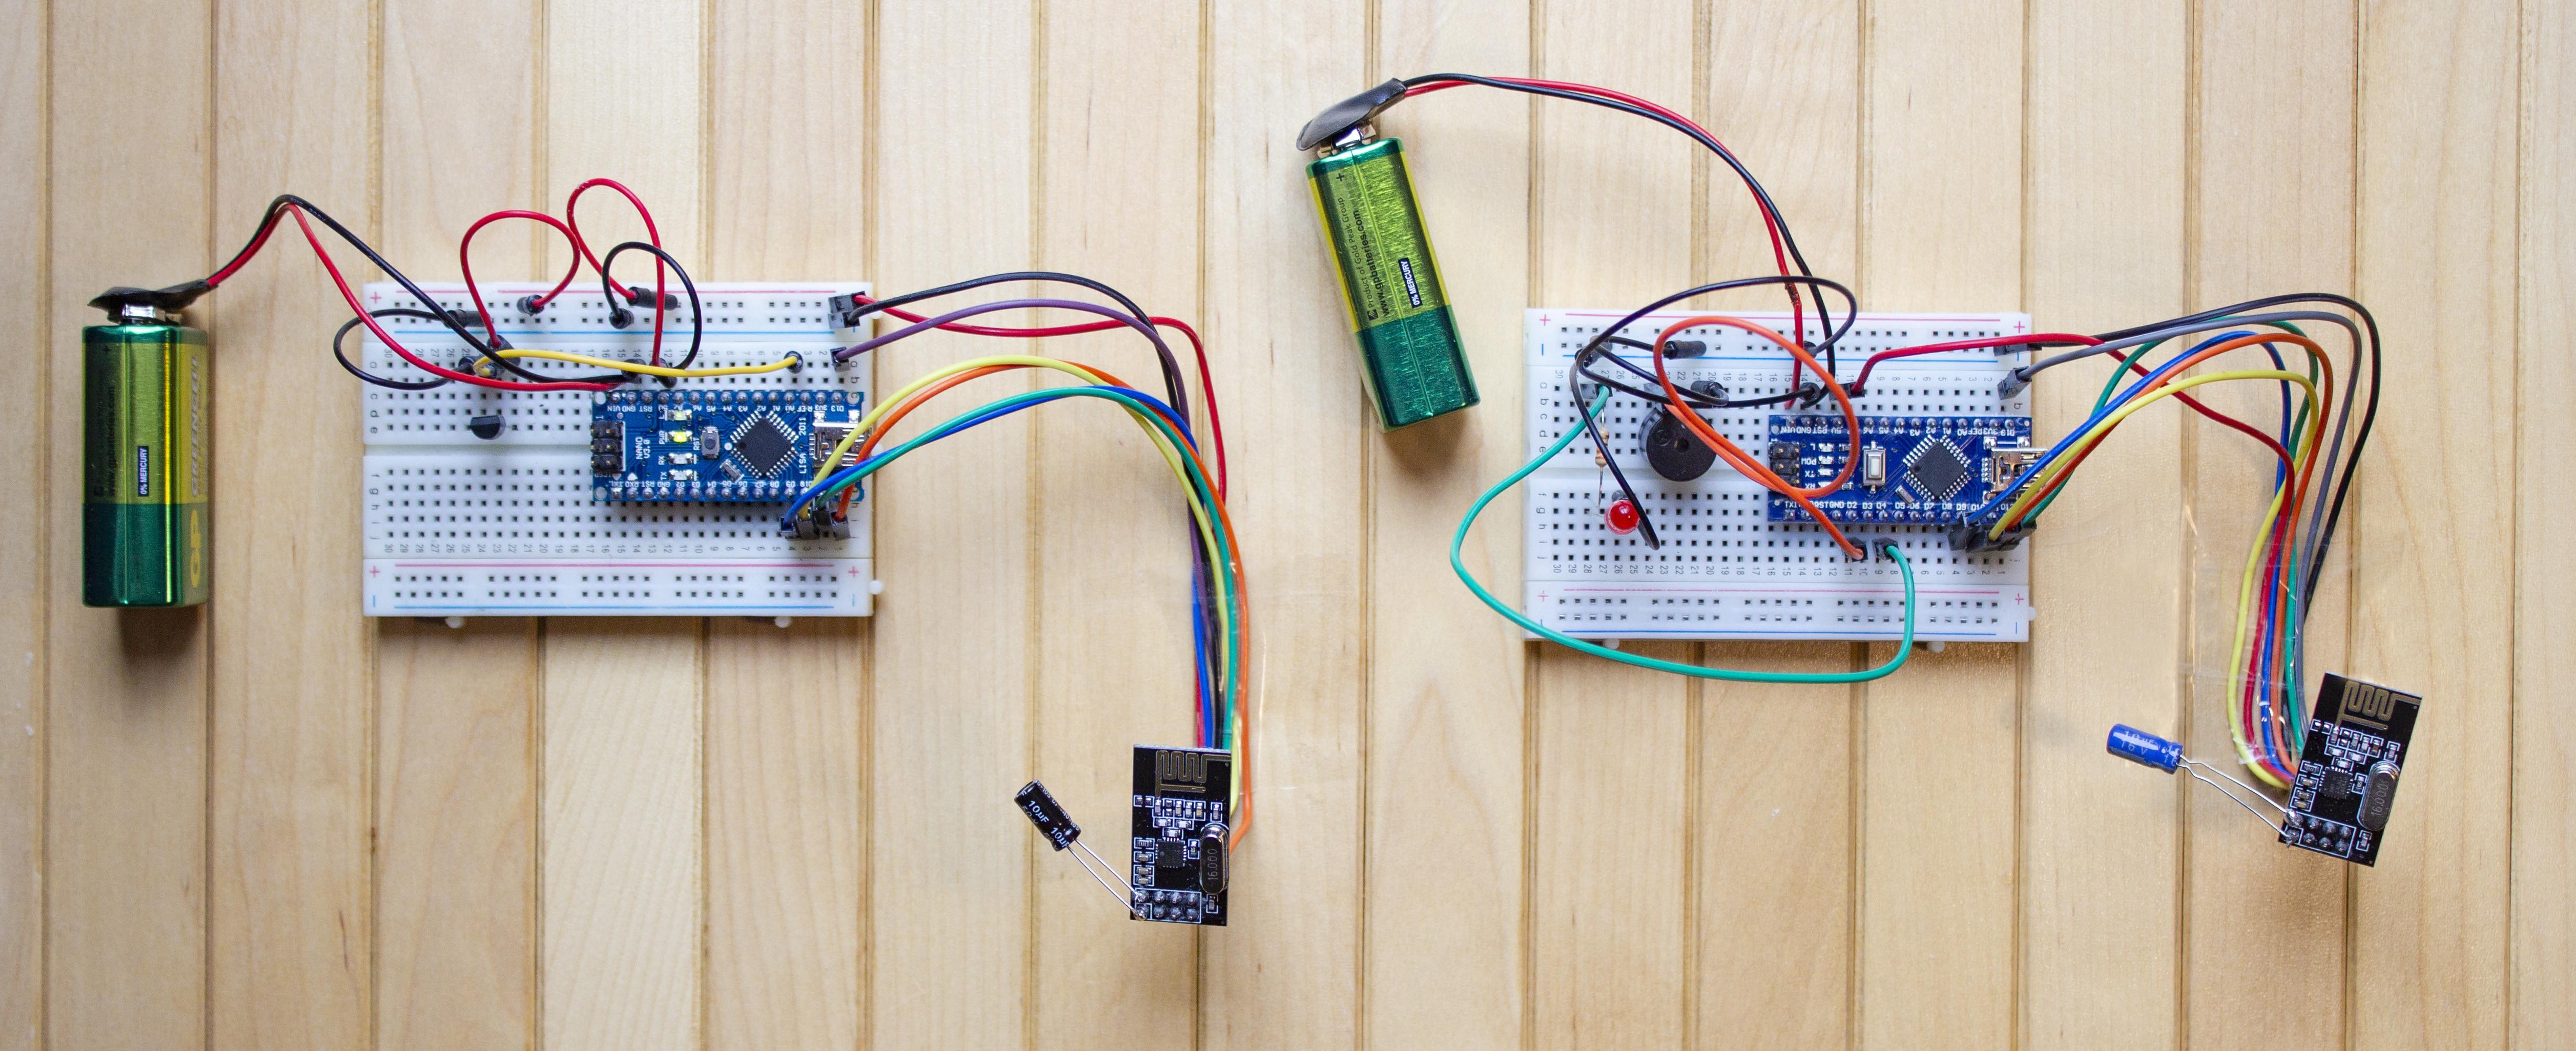 Arduino, NRF24L01 ve LM35 ile Sıcaklık Uyarı Sistemi Devresi Fotoğrafı